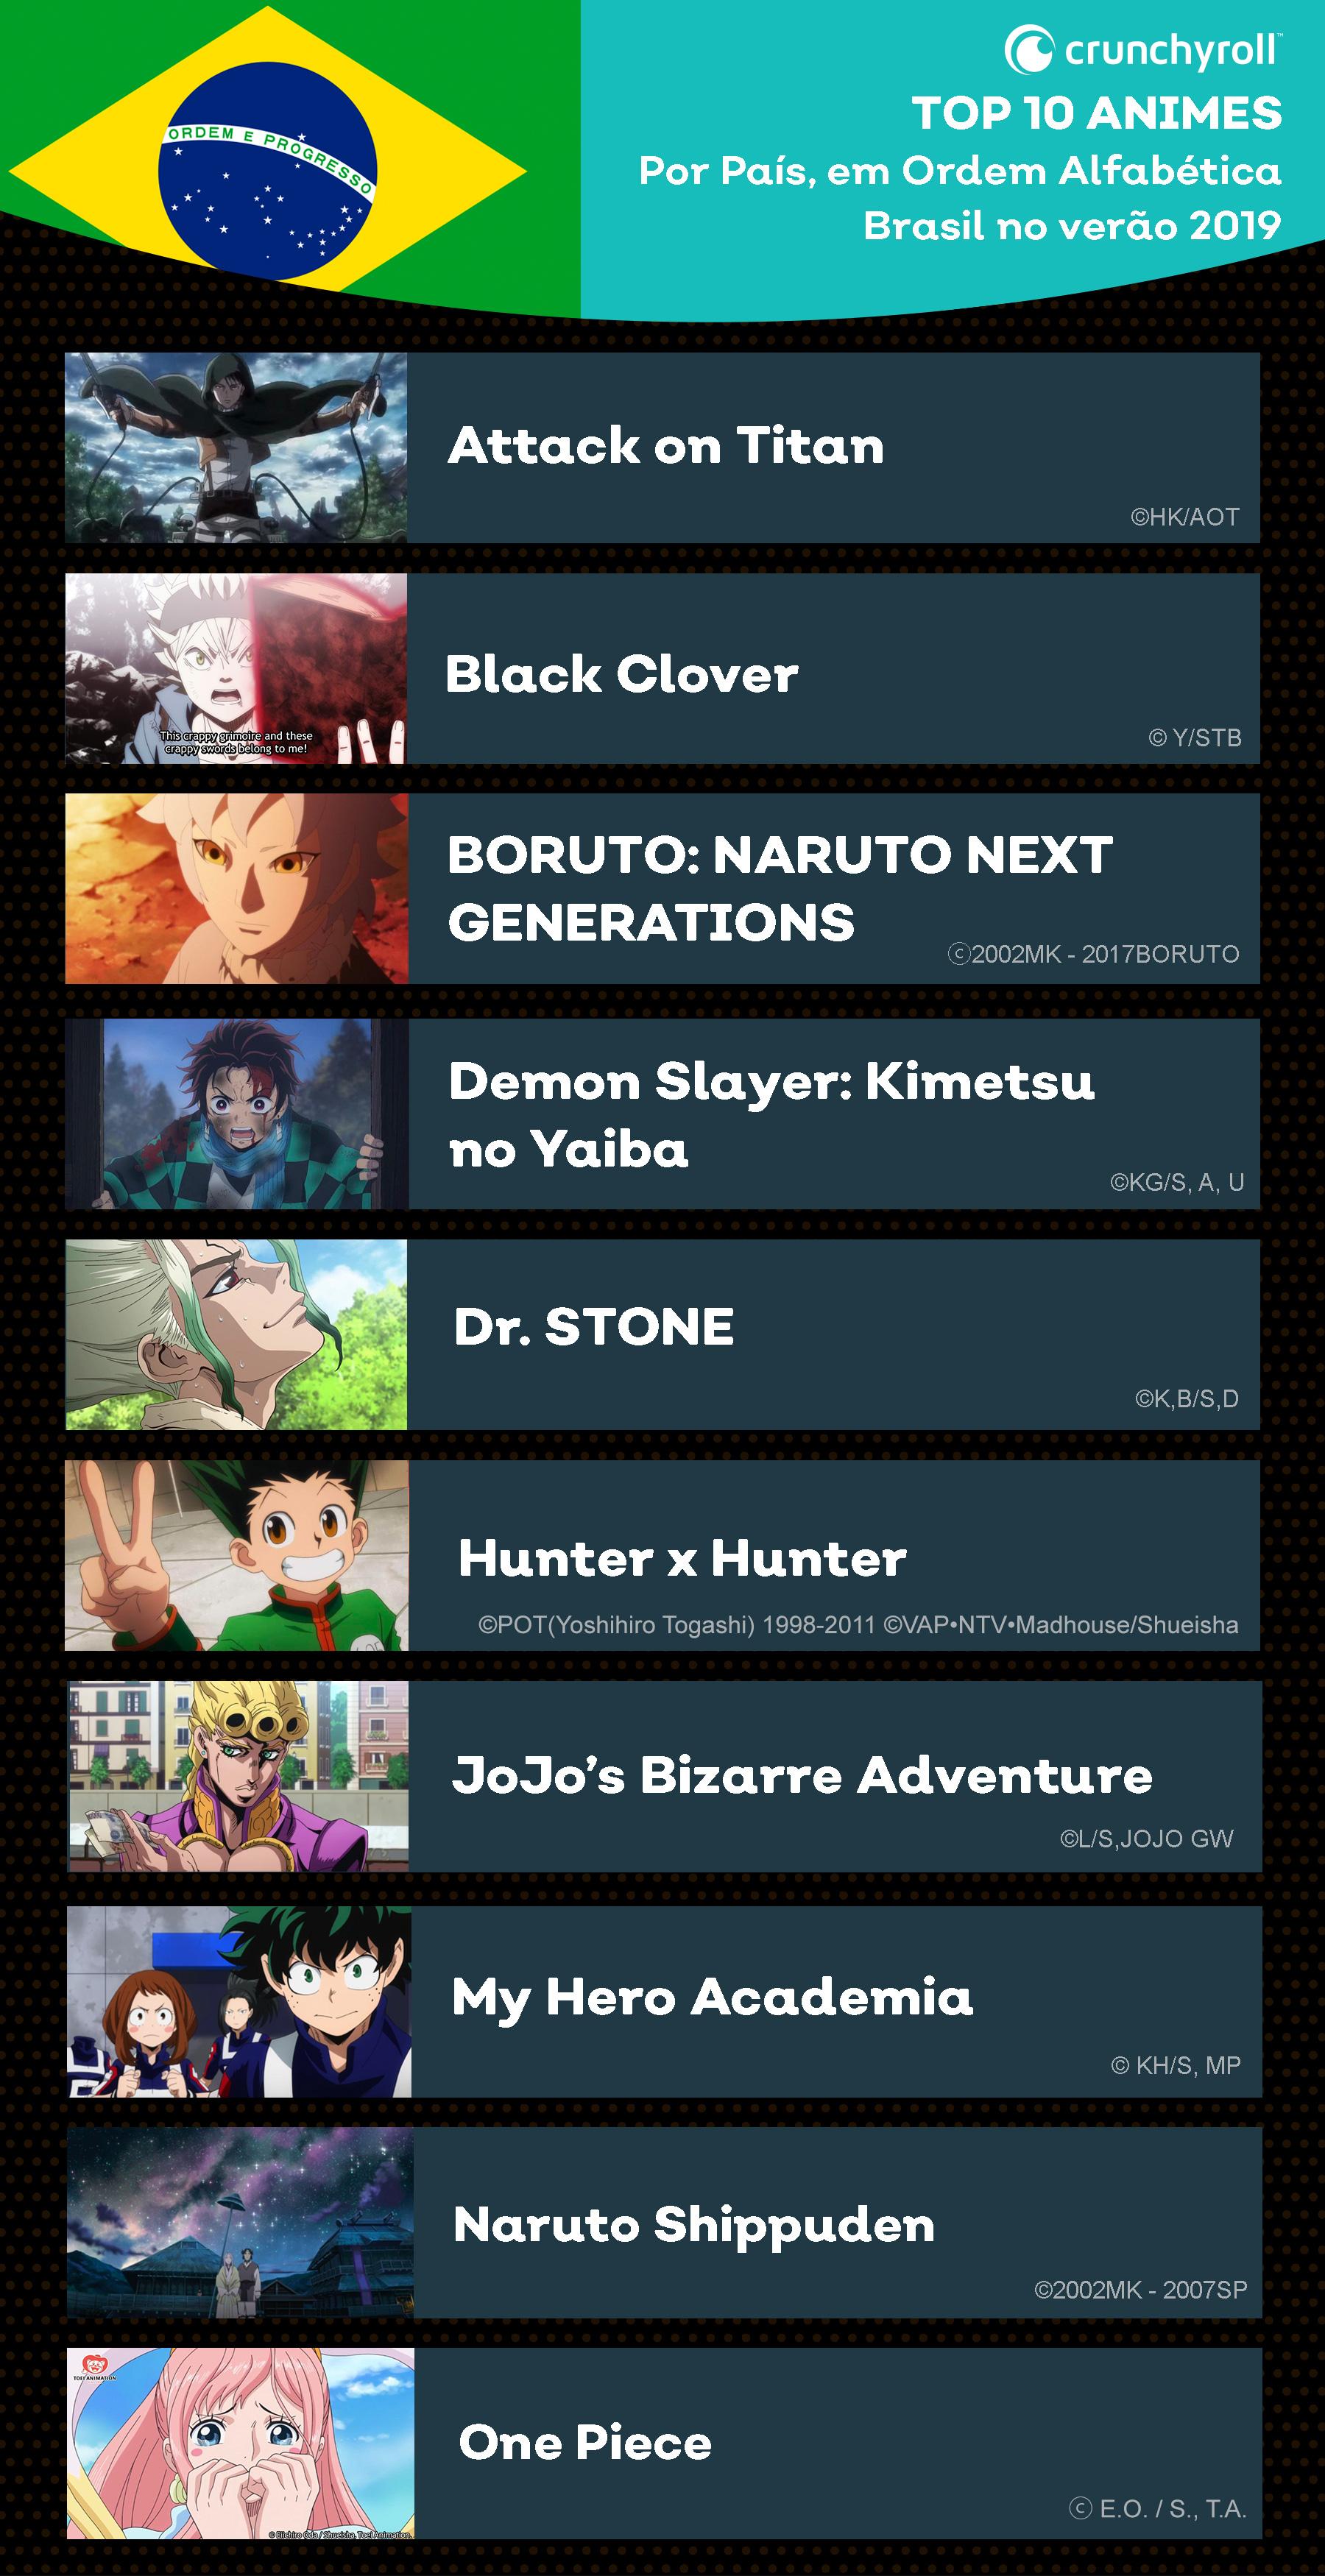 TOP 10 animes Verão 2019 no Brasil (Crunchyroll)